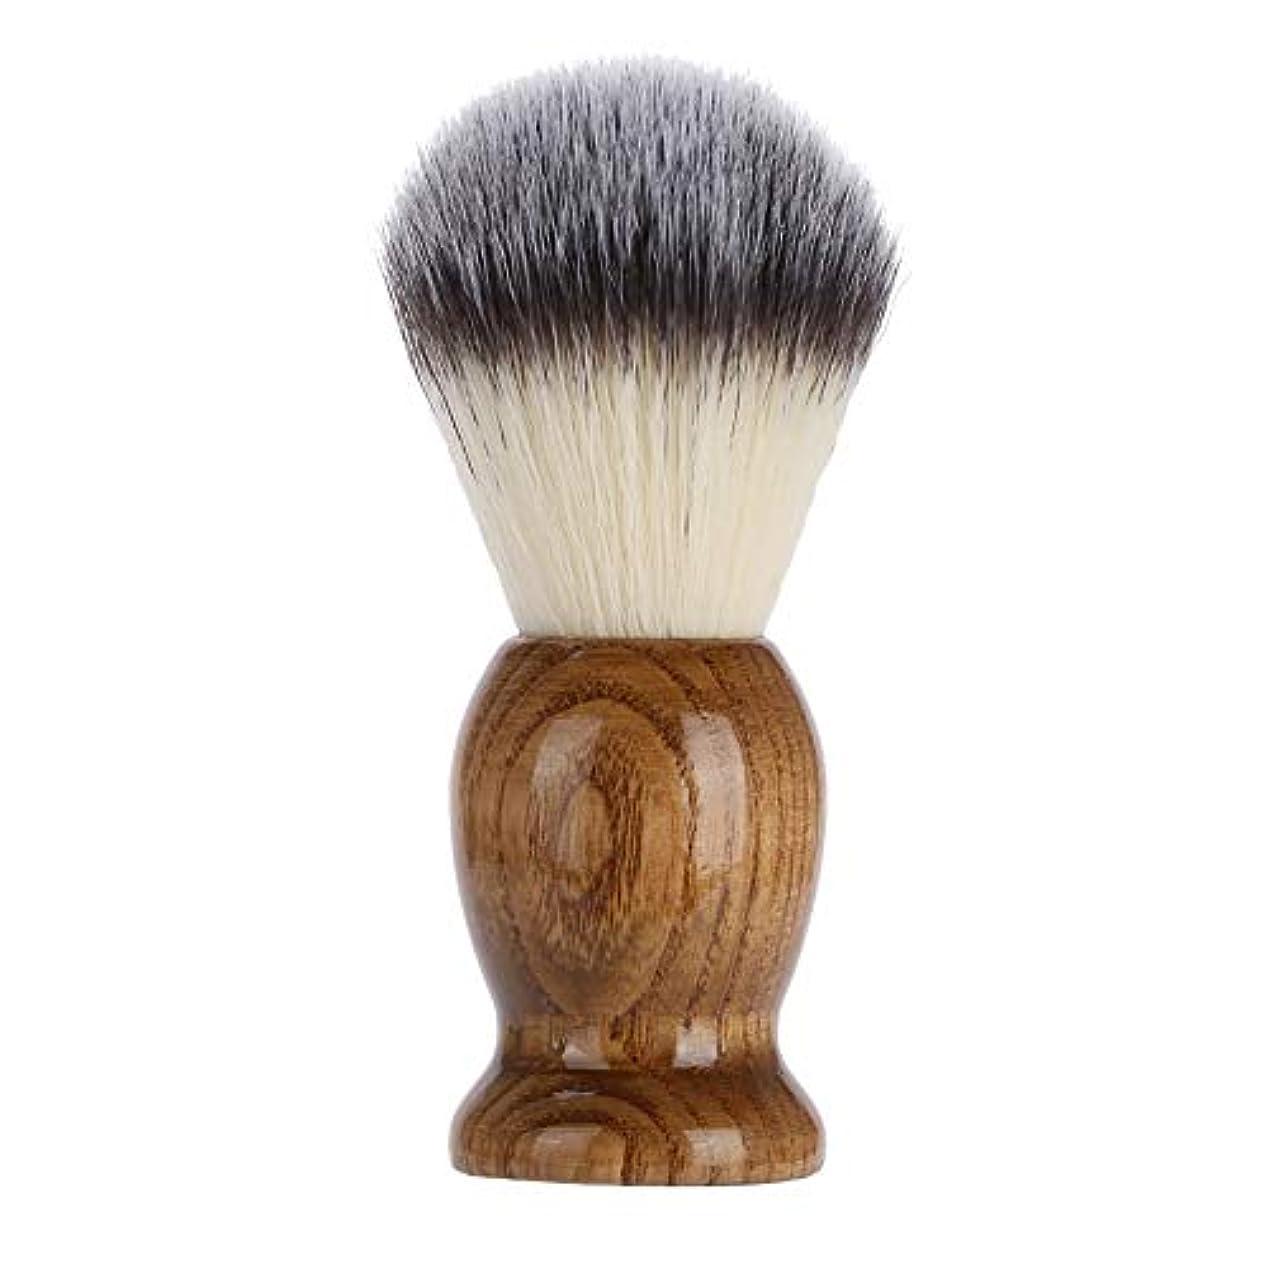 加入前提日食ZJchao プロフェッショナル 木製シェービングブラシ 2色 あご髭シェービングブラシ 軽量 ポータブルサイズとハンドル付き サロンでの使用や旅行での使用に最適 ZJchao9m1n85gxus-02